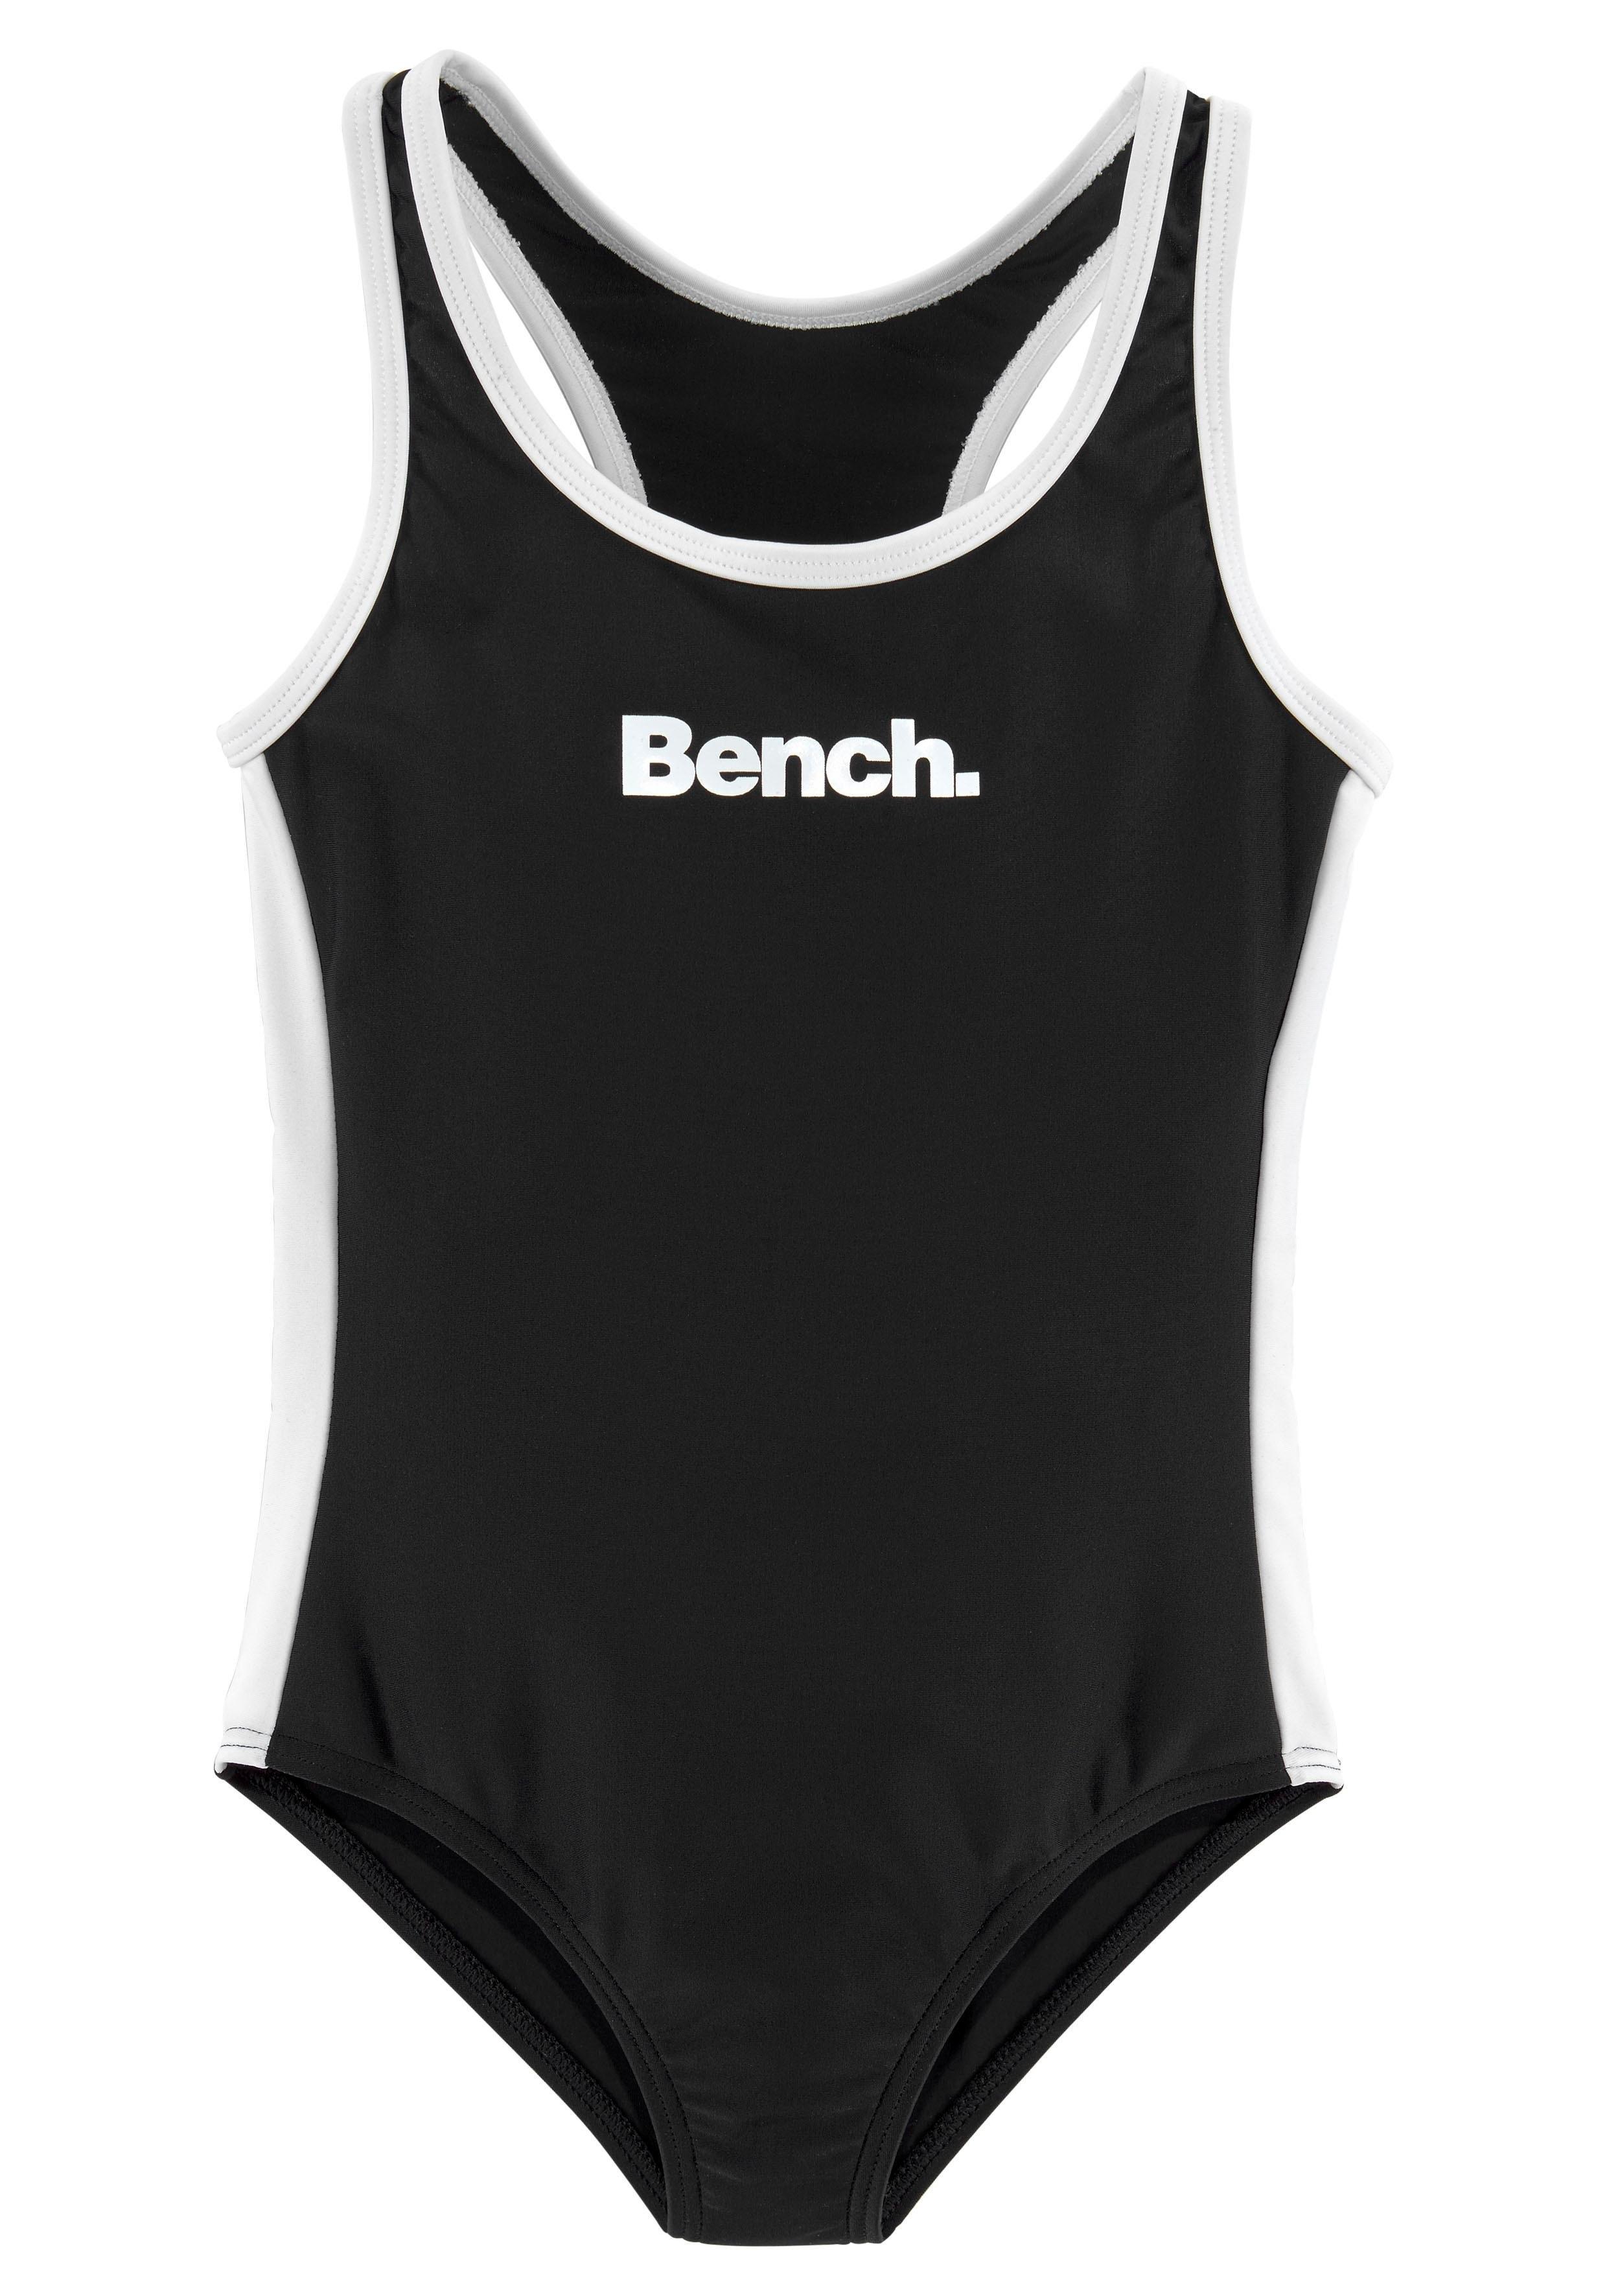 Bench. badpak met logoprint online kopen op otto.nl